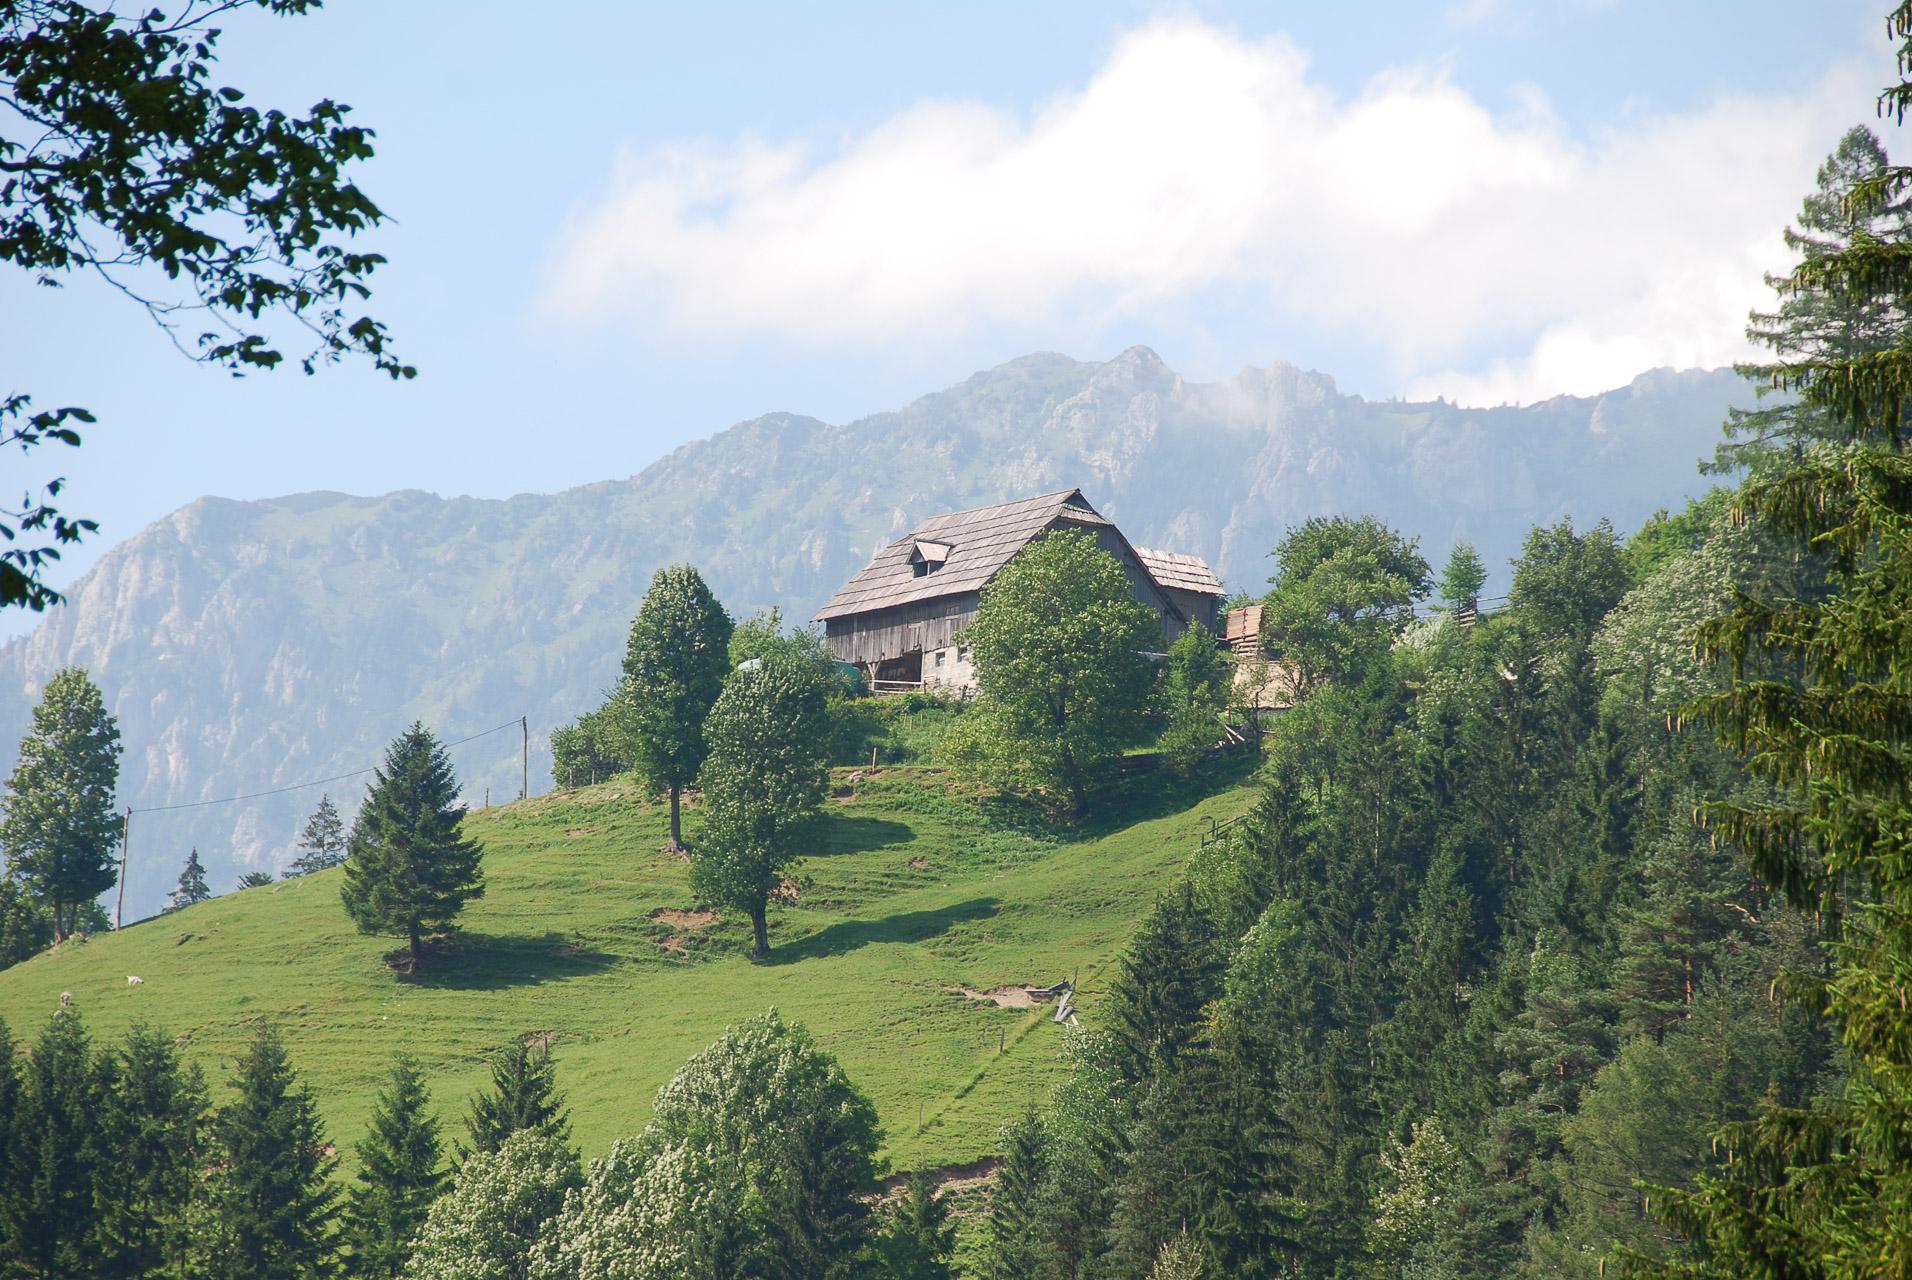 Wandelvakantie van Bovec naar Bohinj